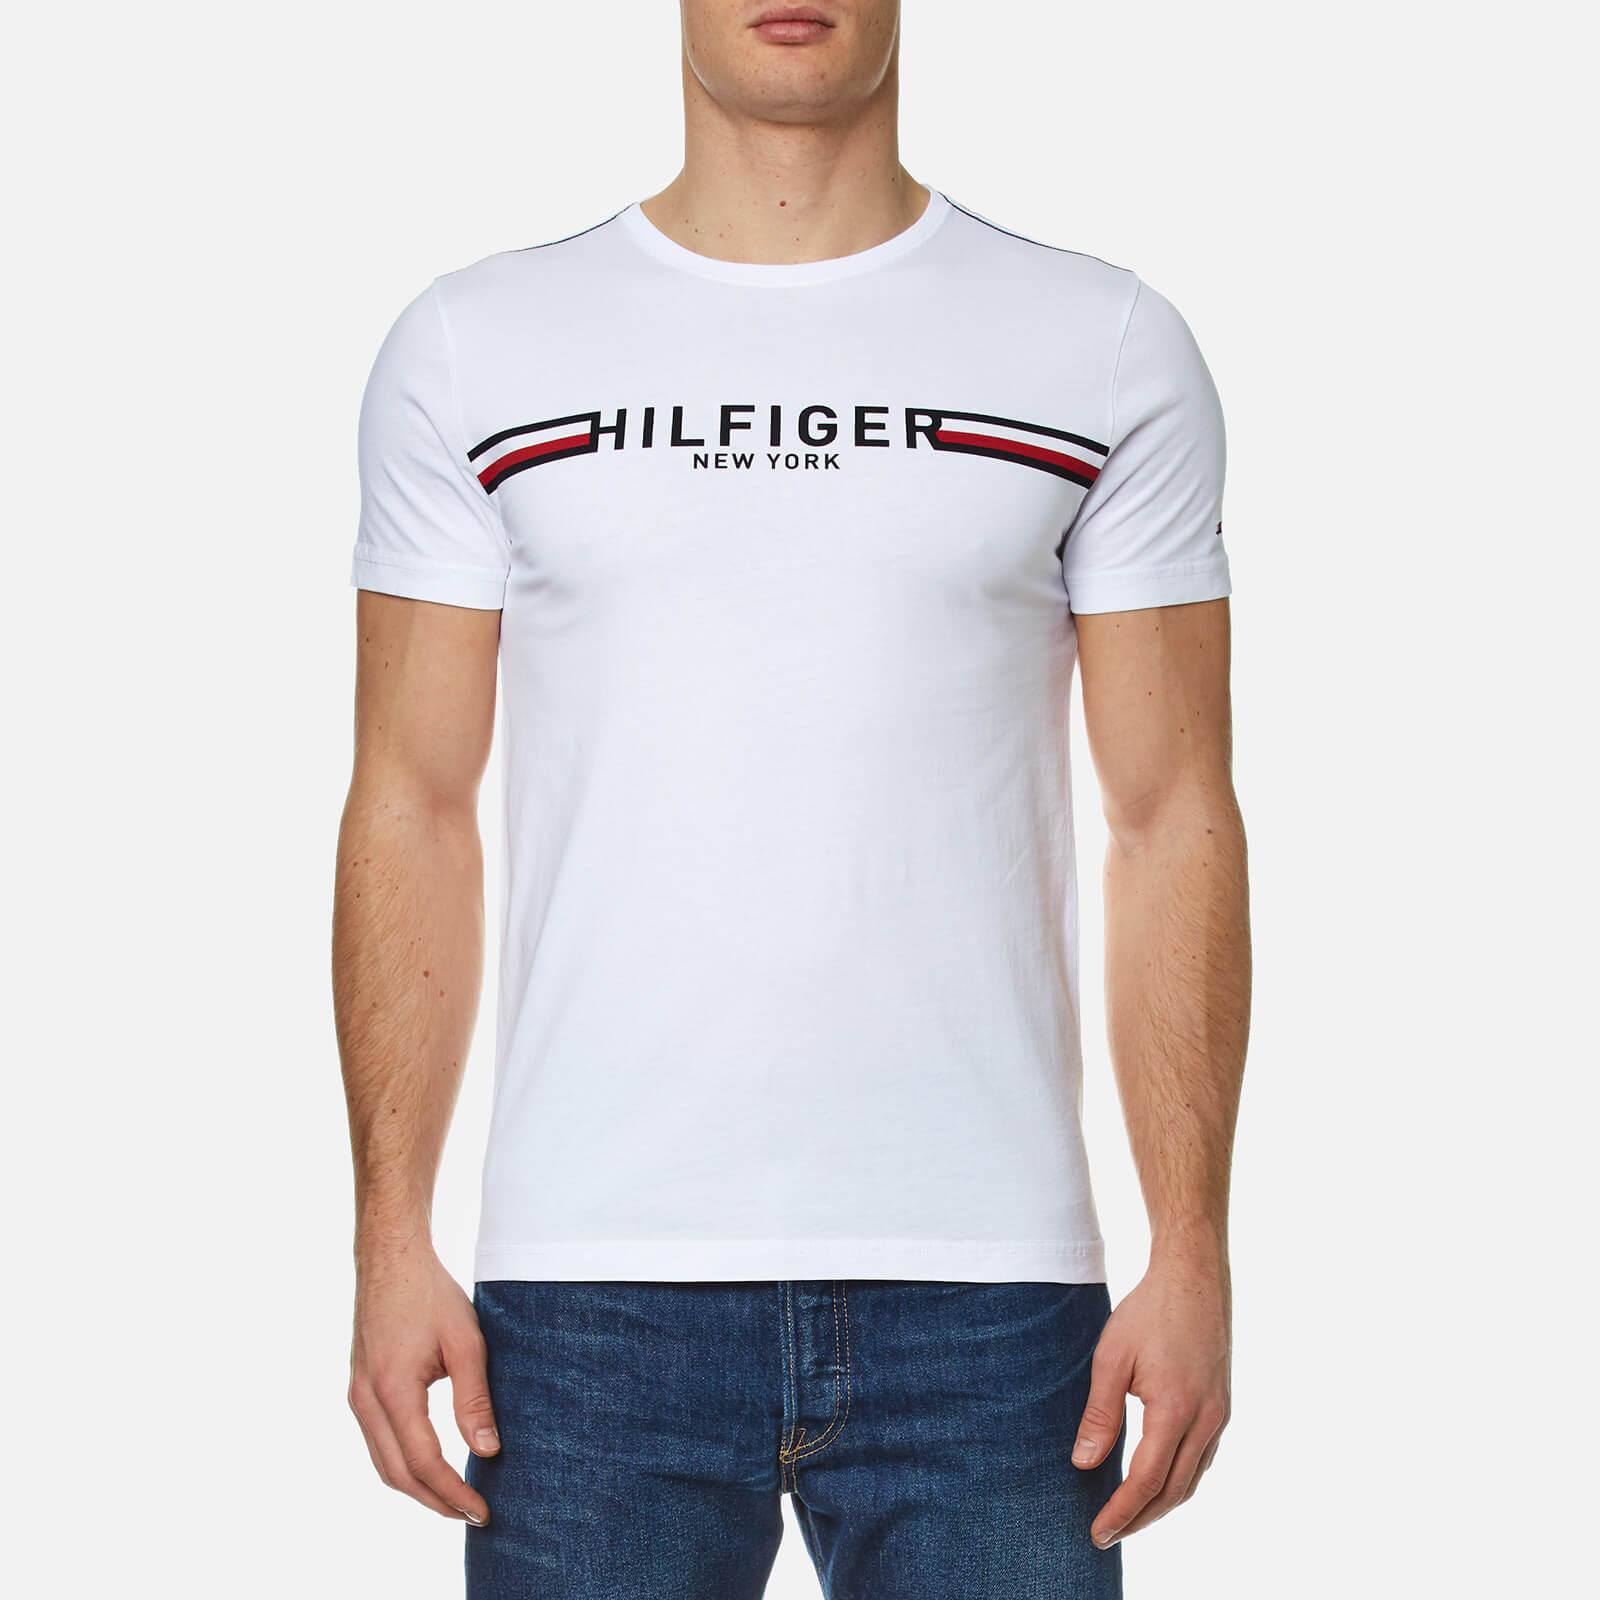 b26bda54fcf Tommy Hilfiger Men s Koby Crew Neck T-Shirt - White Clothing ...